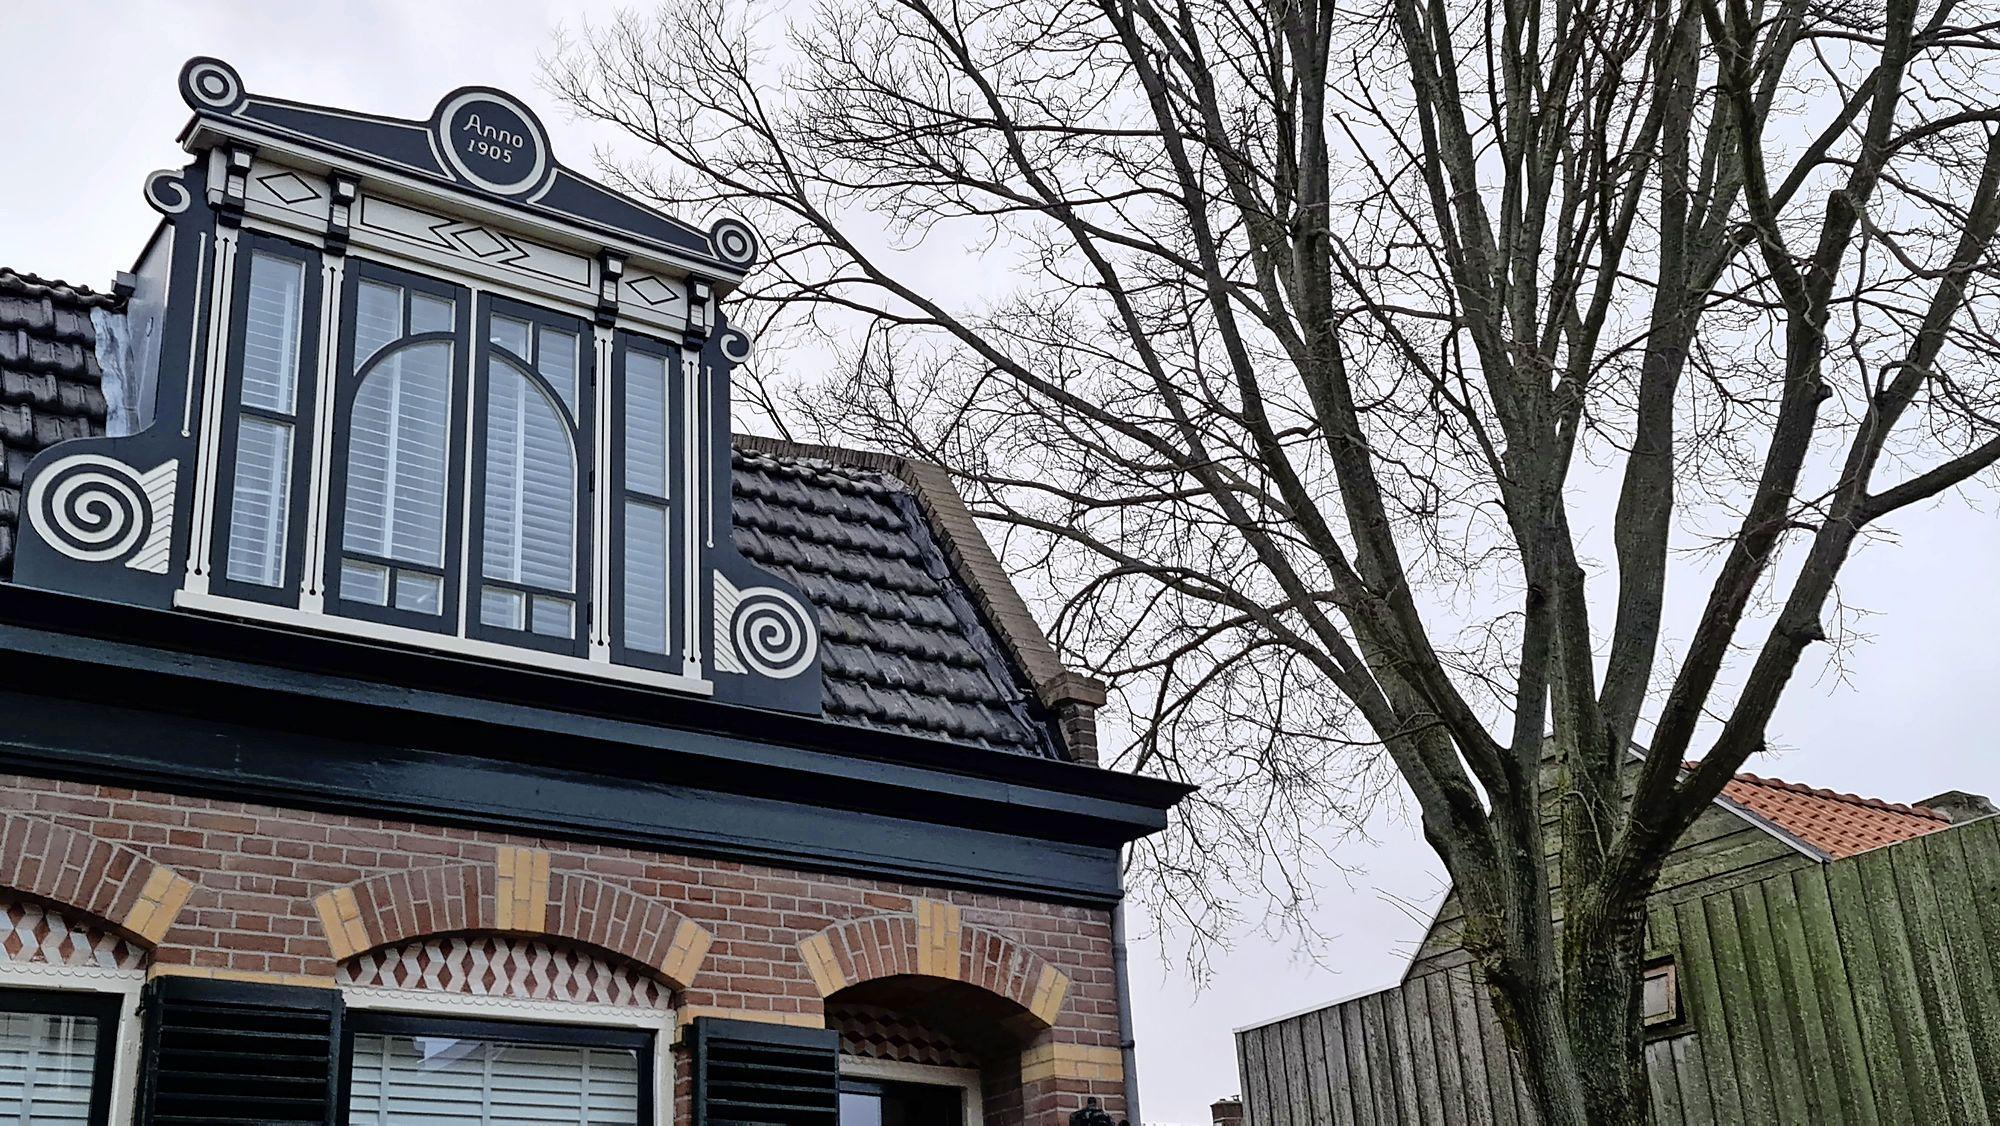 Zijgevel van woning in Den Helder laat los door rukwinden, instortingsgevaar geweken [update]